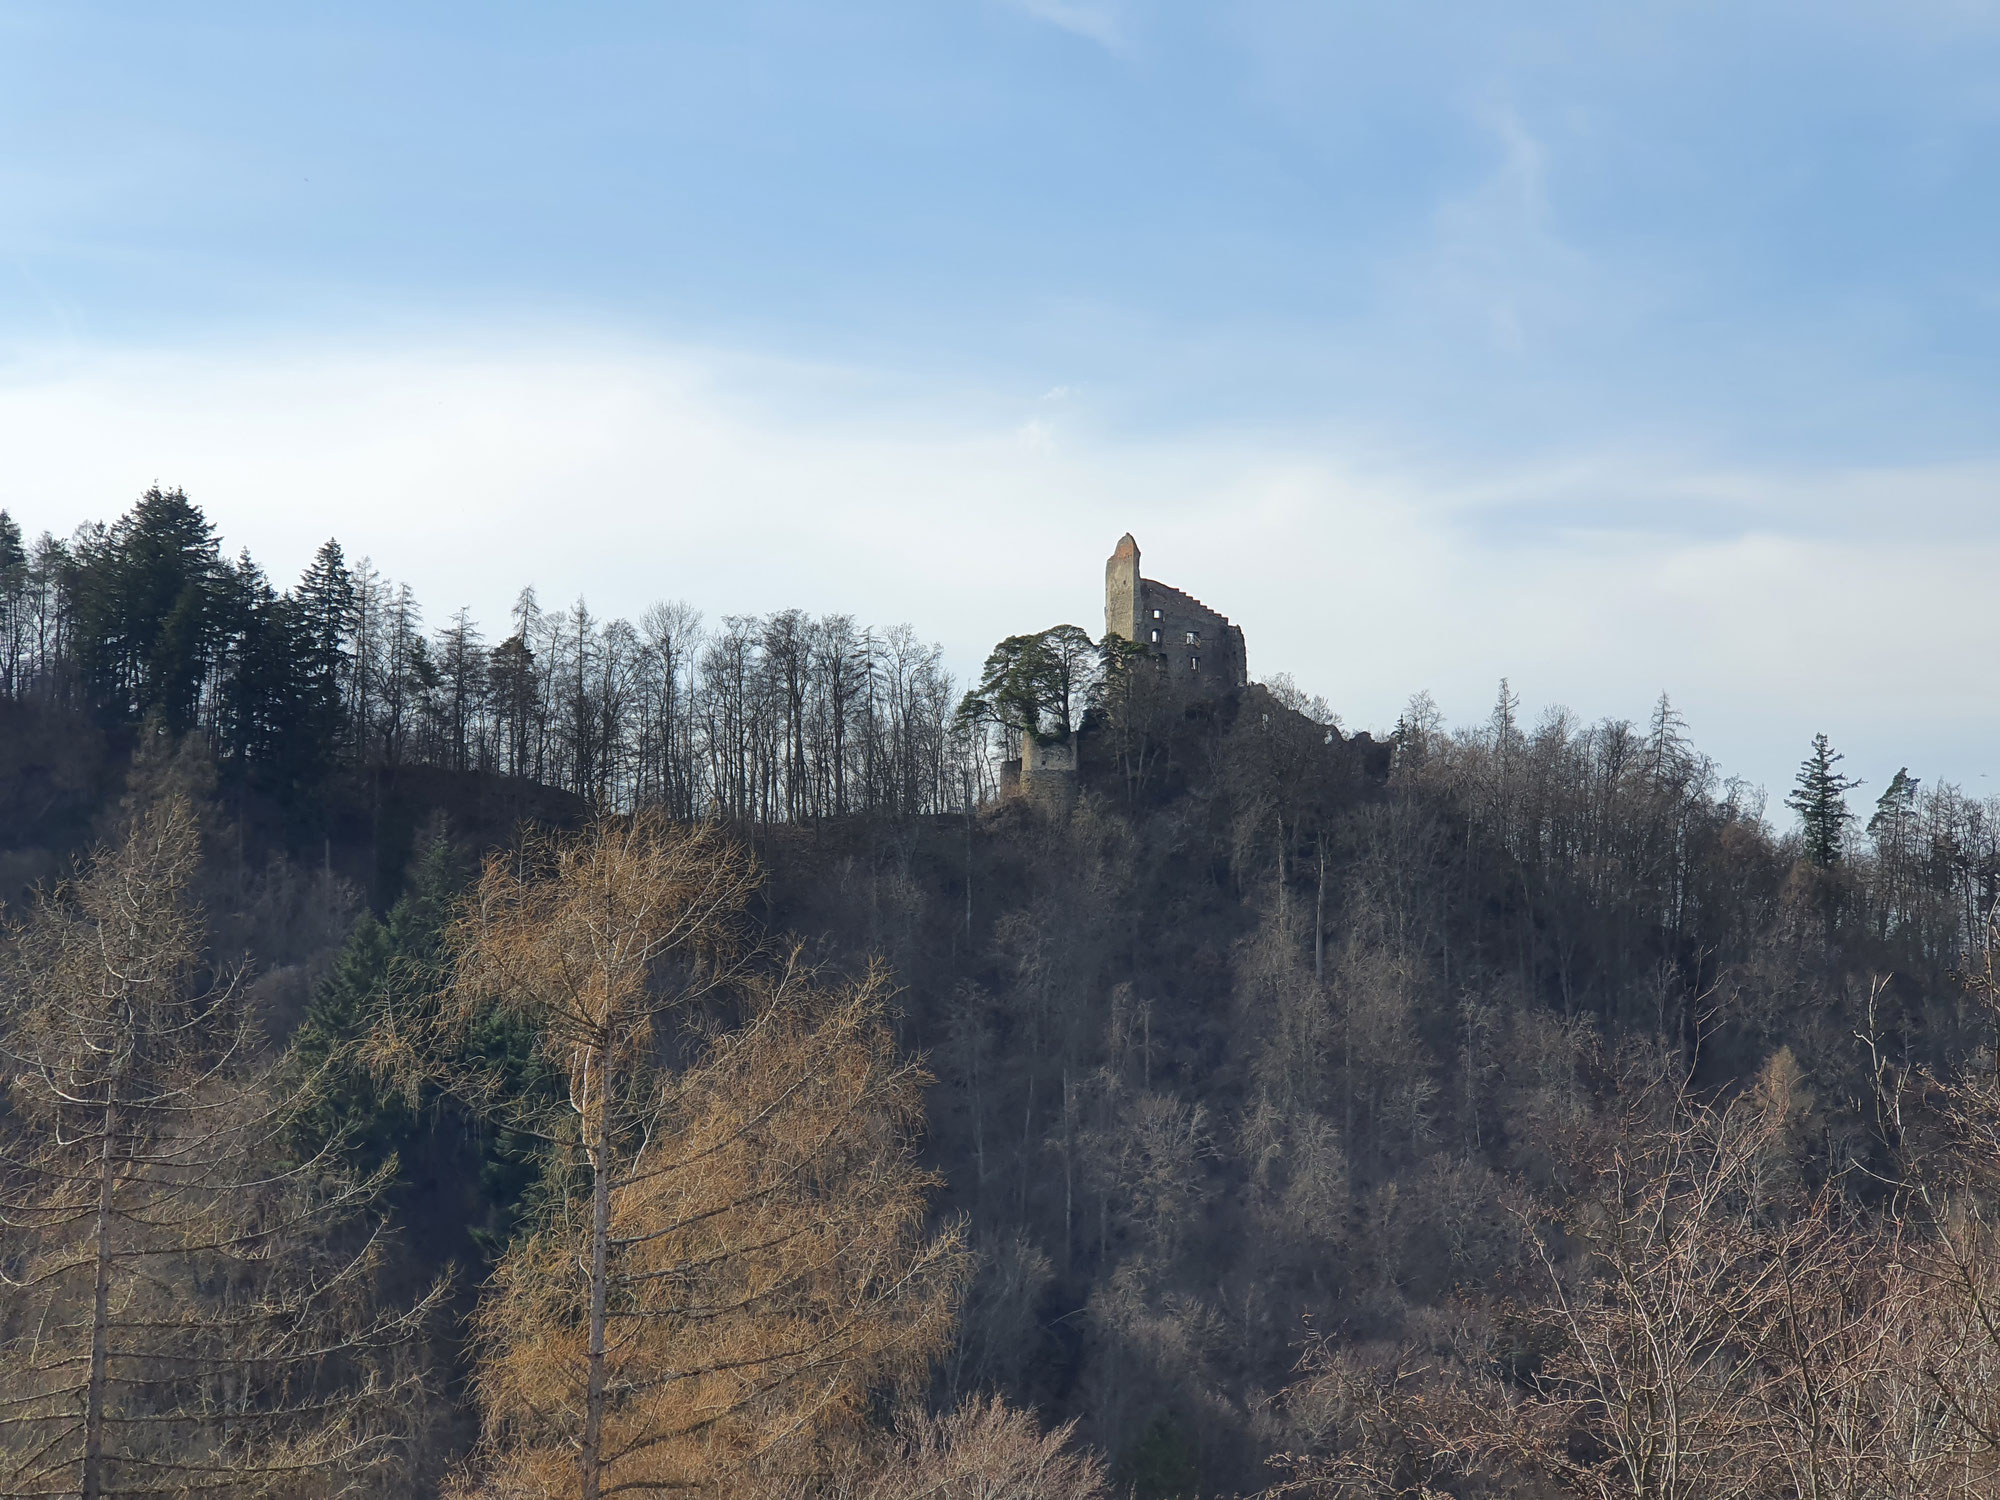 Wanderung Kapelle und Ruine vom Frauenberg